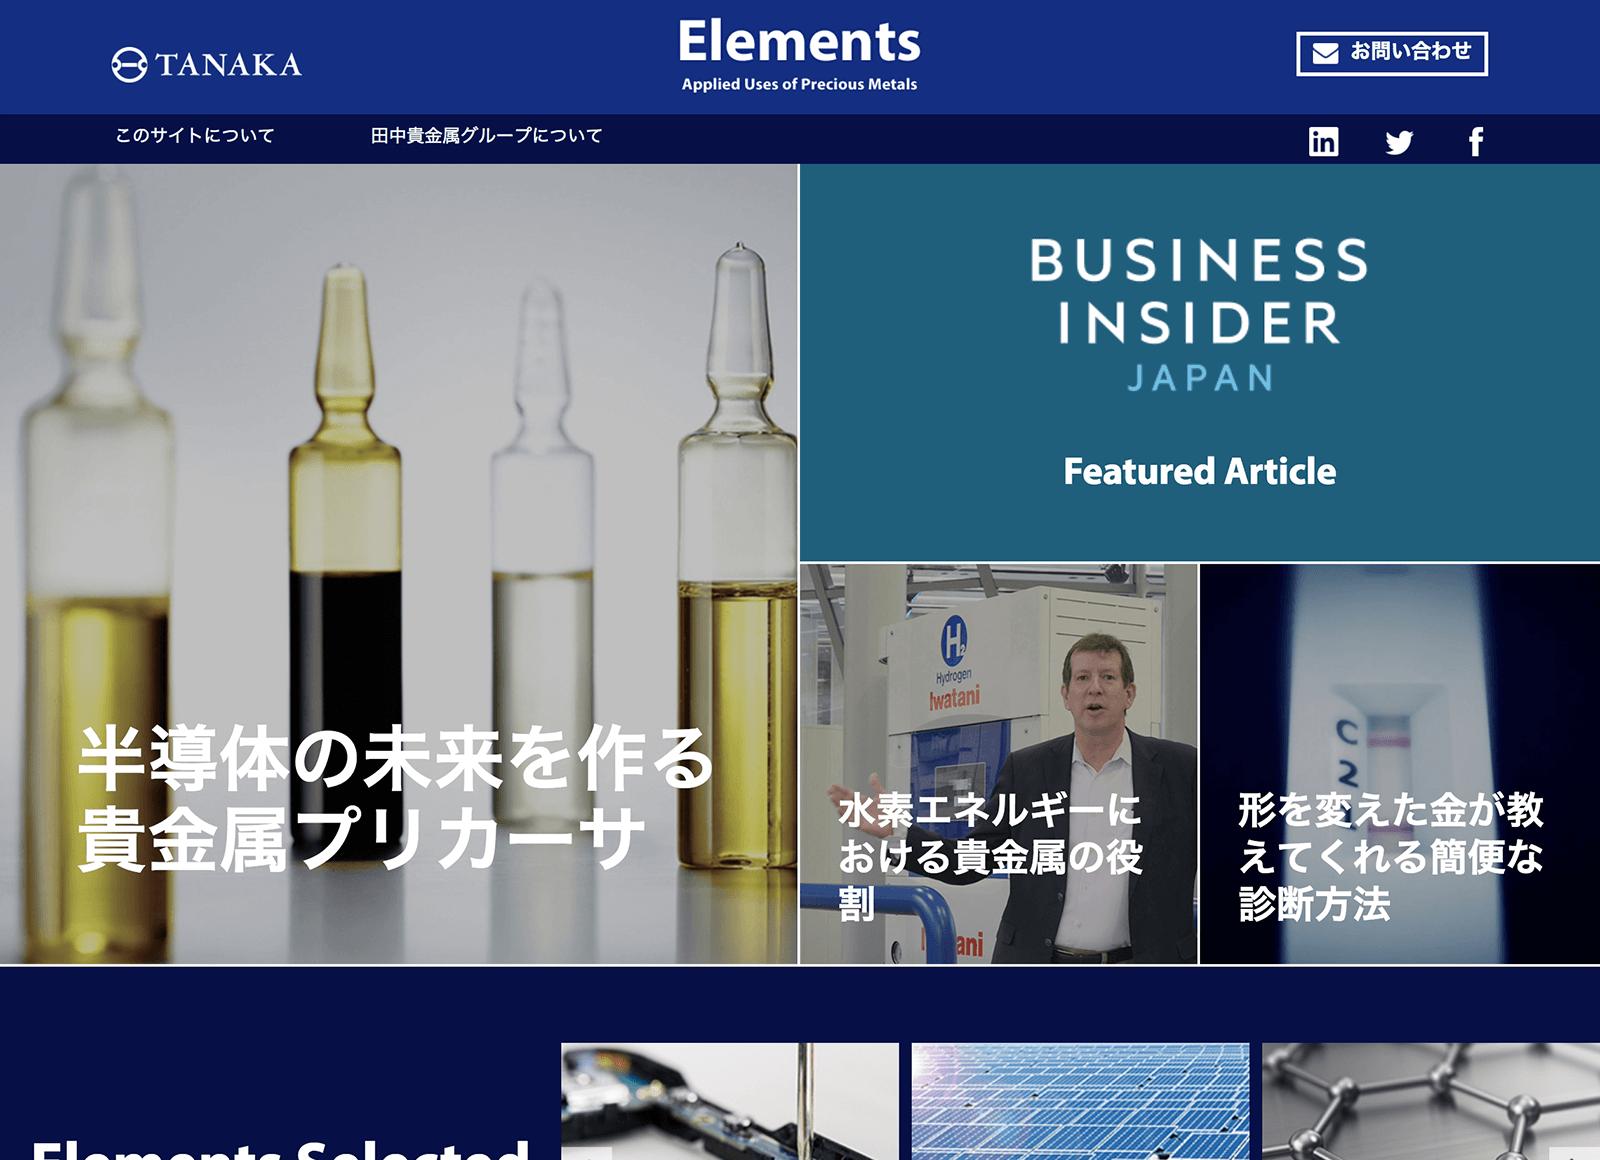 田中貴金属「Elements」メディアサイト 日本語版